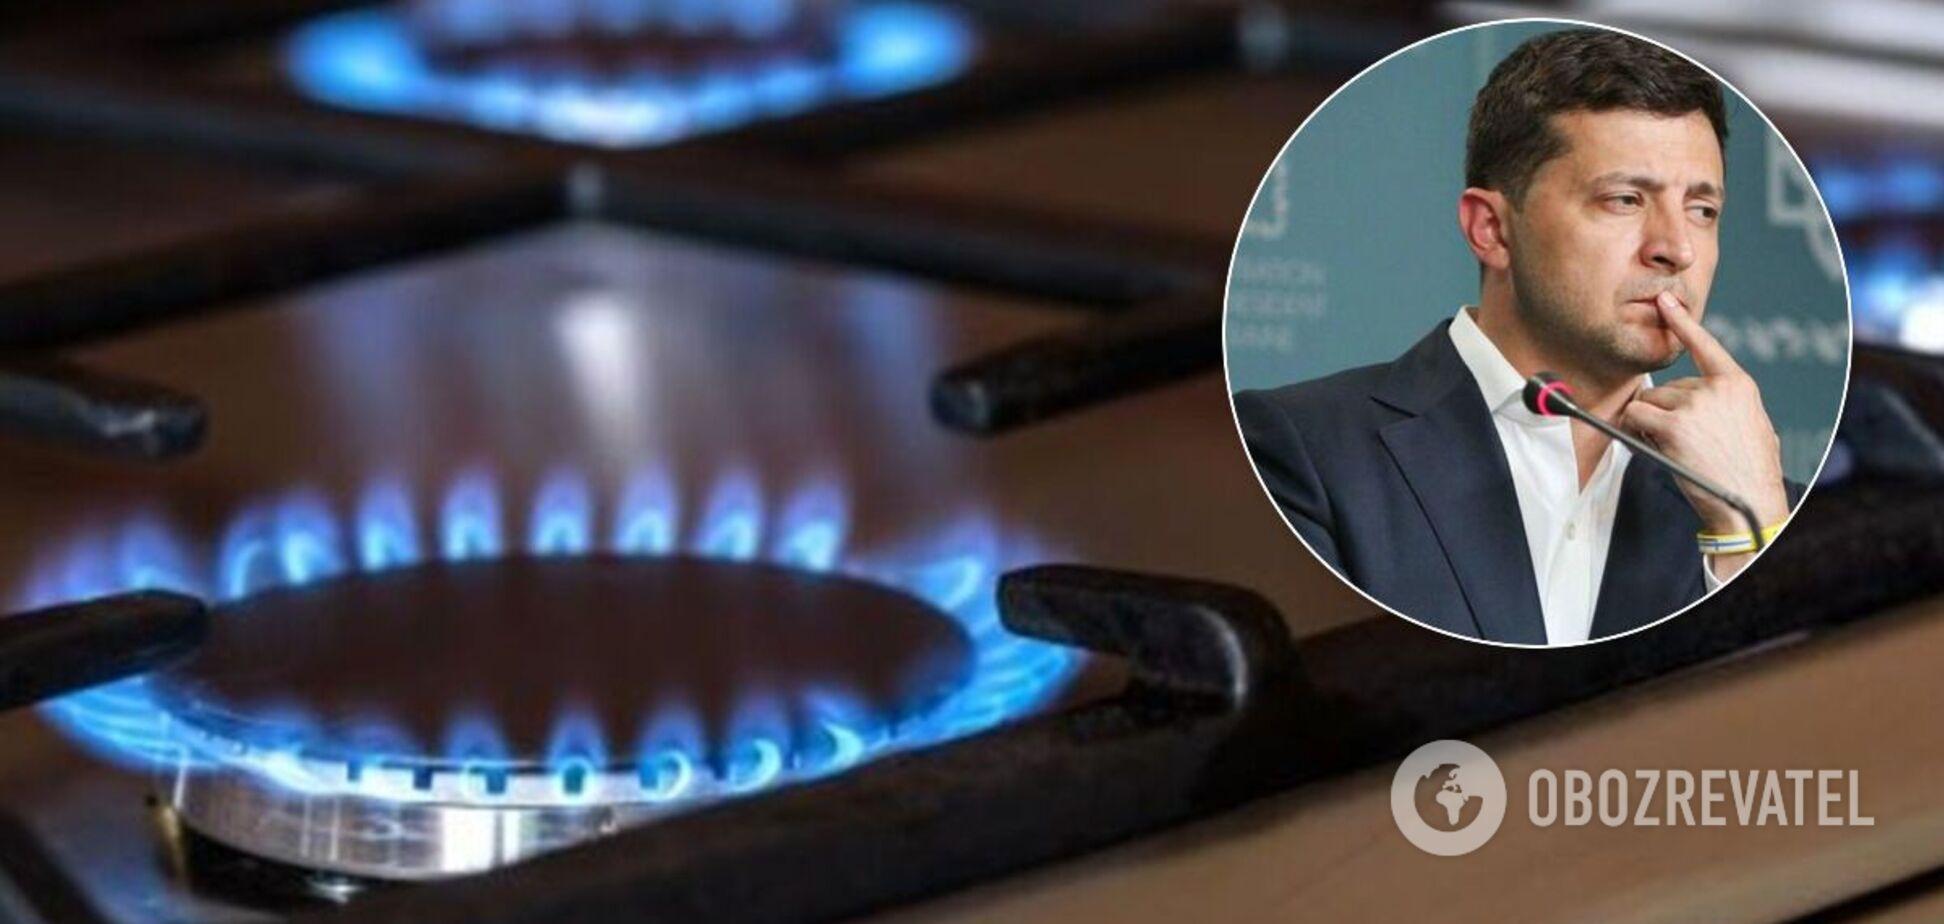 Зеленський вчергове нас дурить. 3,2% зниження ціни на газ – цифра майбутнього рейтингу преЗЕдента